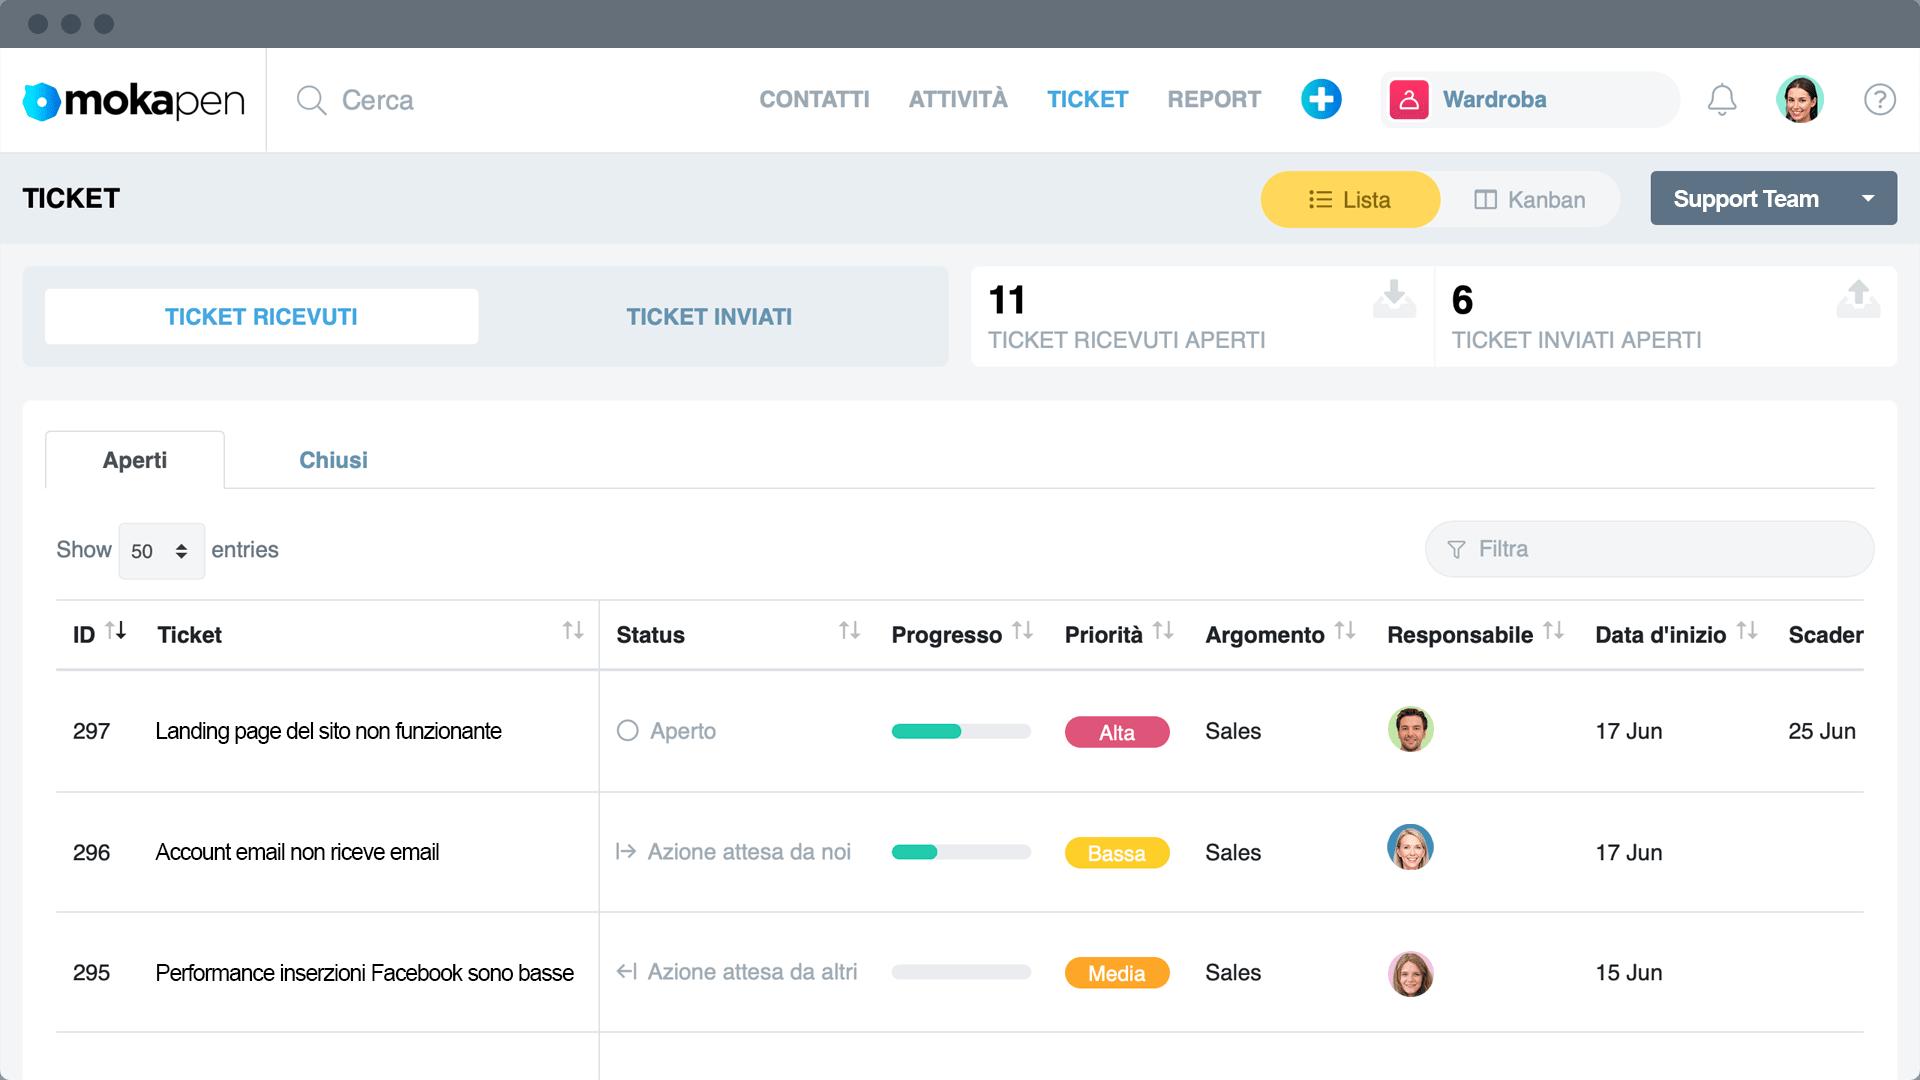 Gestisci bug di prodotto o richieste di supporto creando ticket al tuo team dedicato. Tieni traccia delle richieste organizzate per priorità e status. Risolvi i problemi rapidamente e in modo mirato.